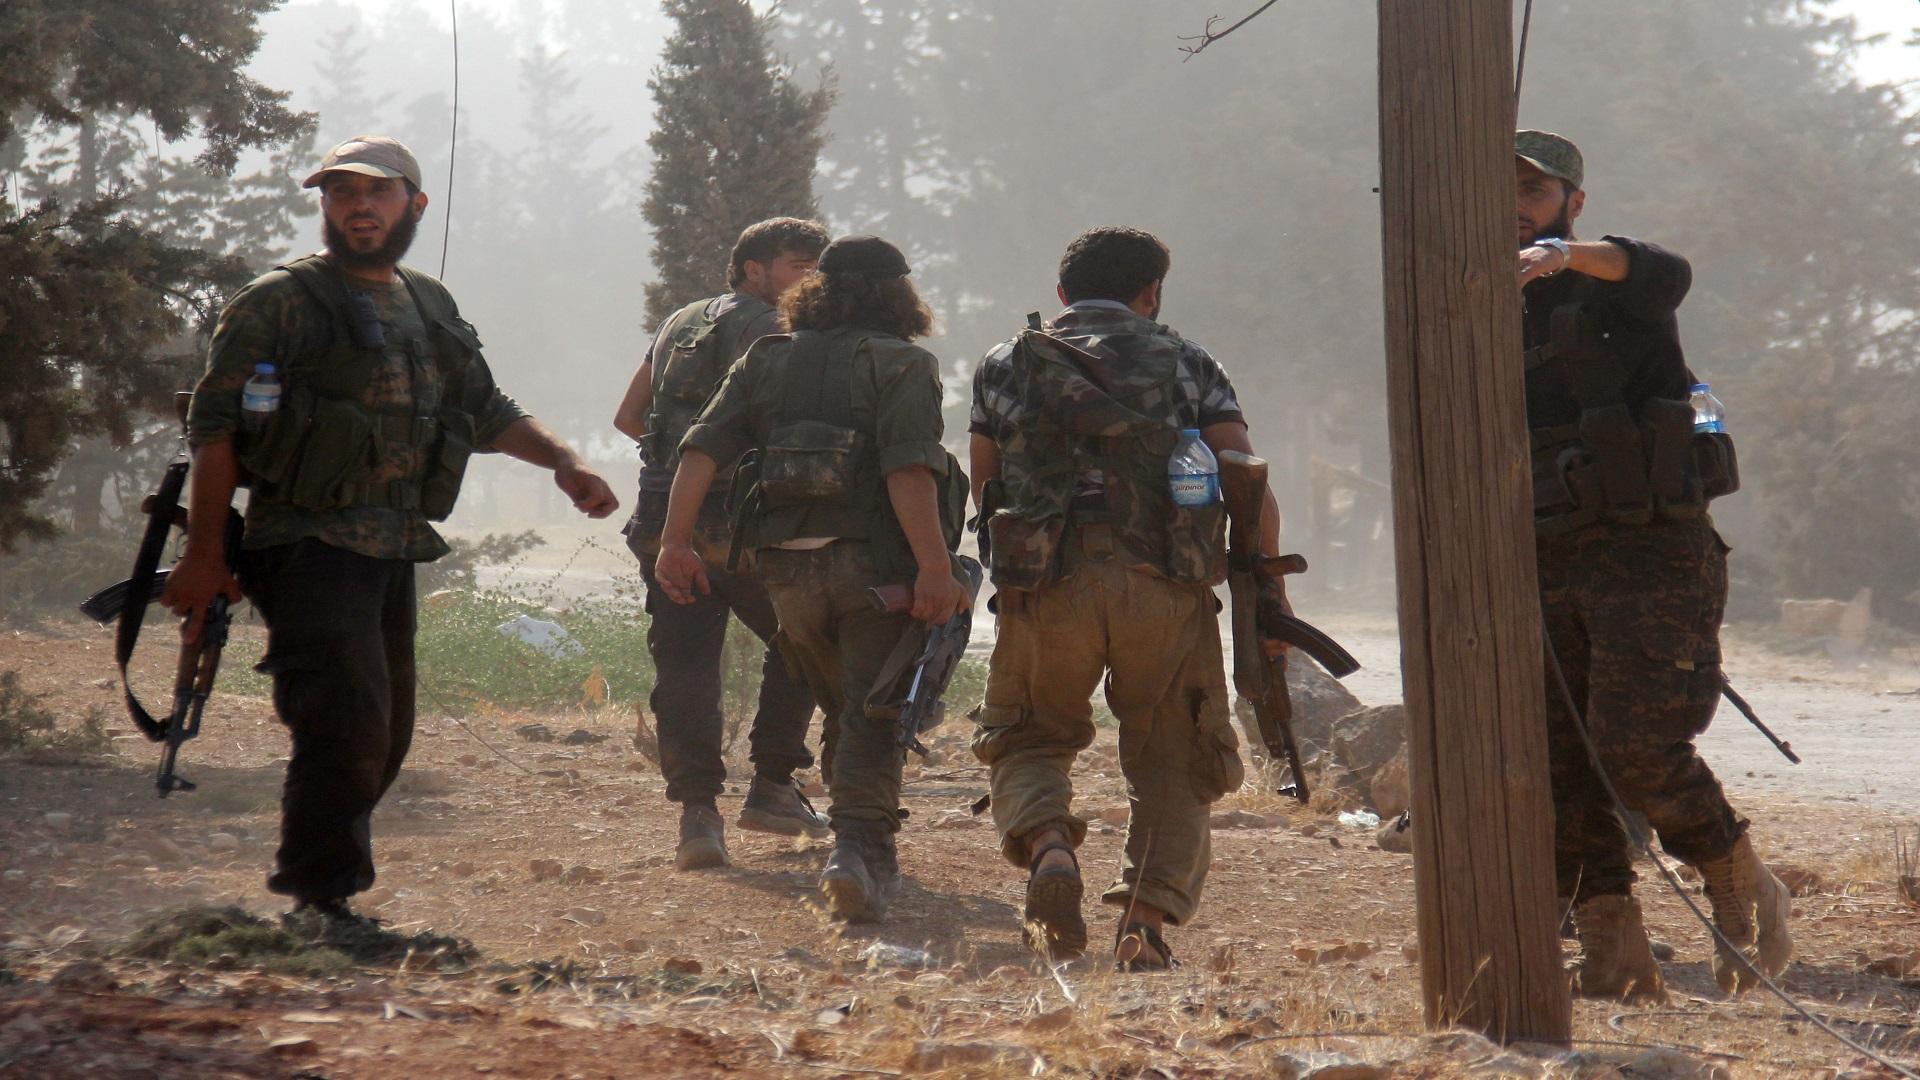 مقتل شخص حاول القيام بعملية اغتيال في مدينة إدلب